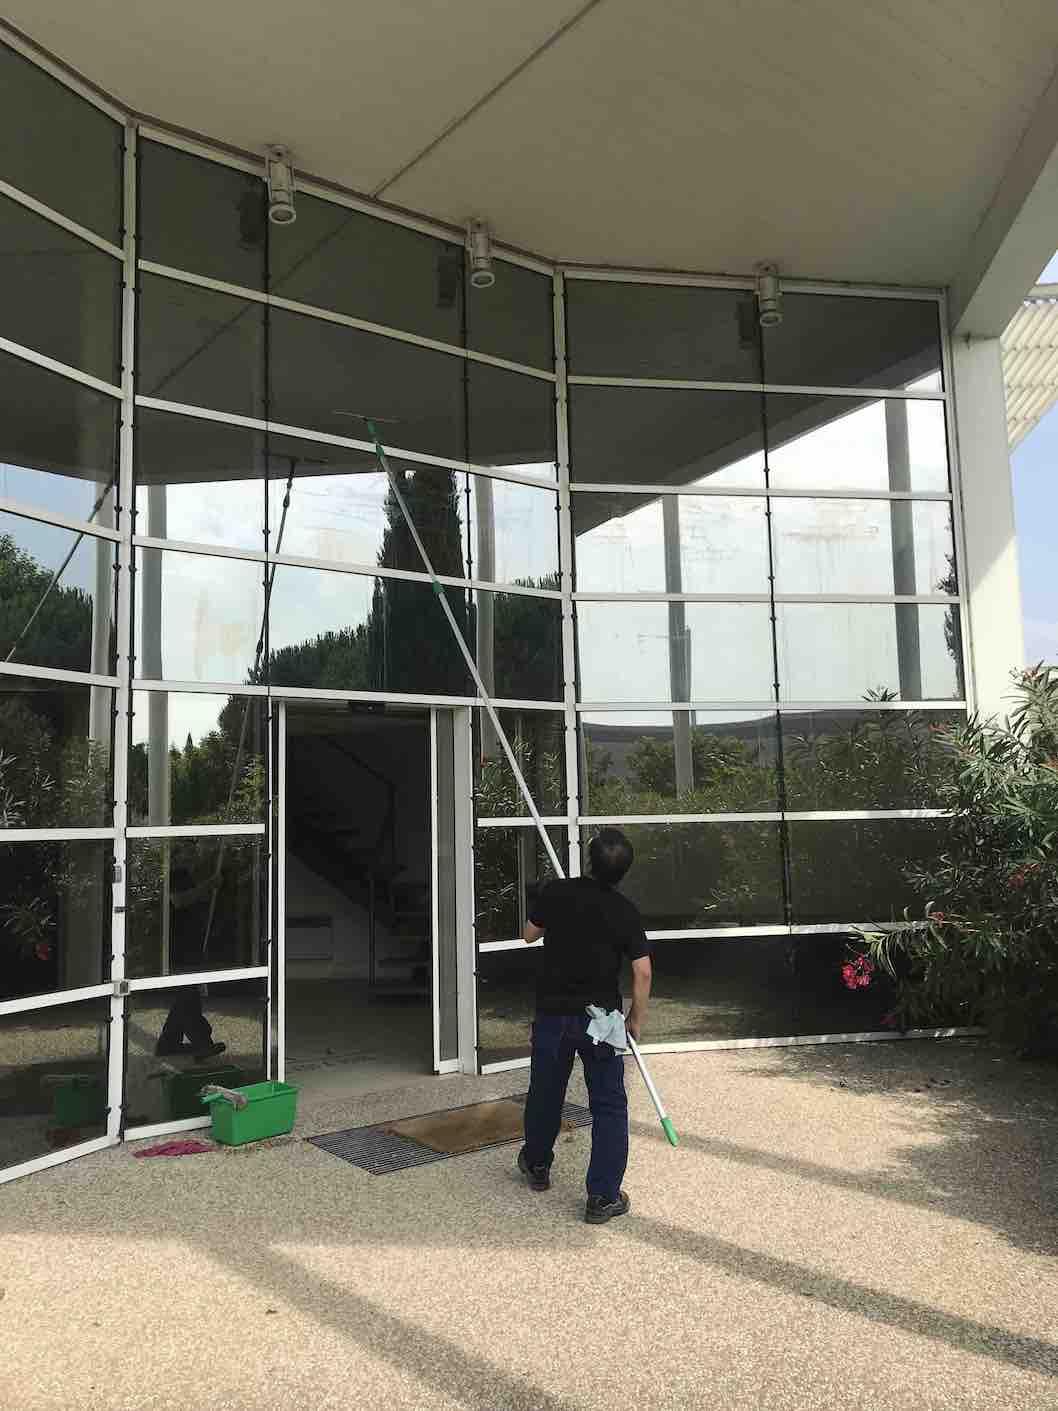 entreprise de nettoyage de vitre portet-sur-garonne